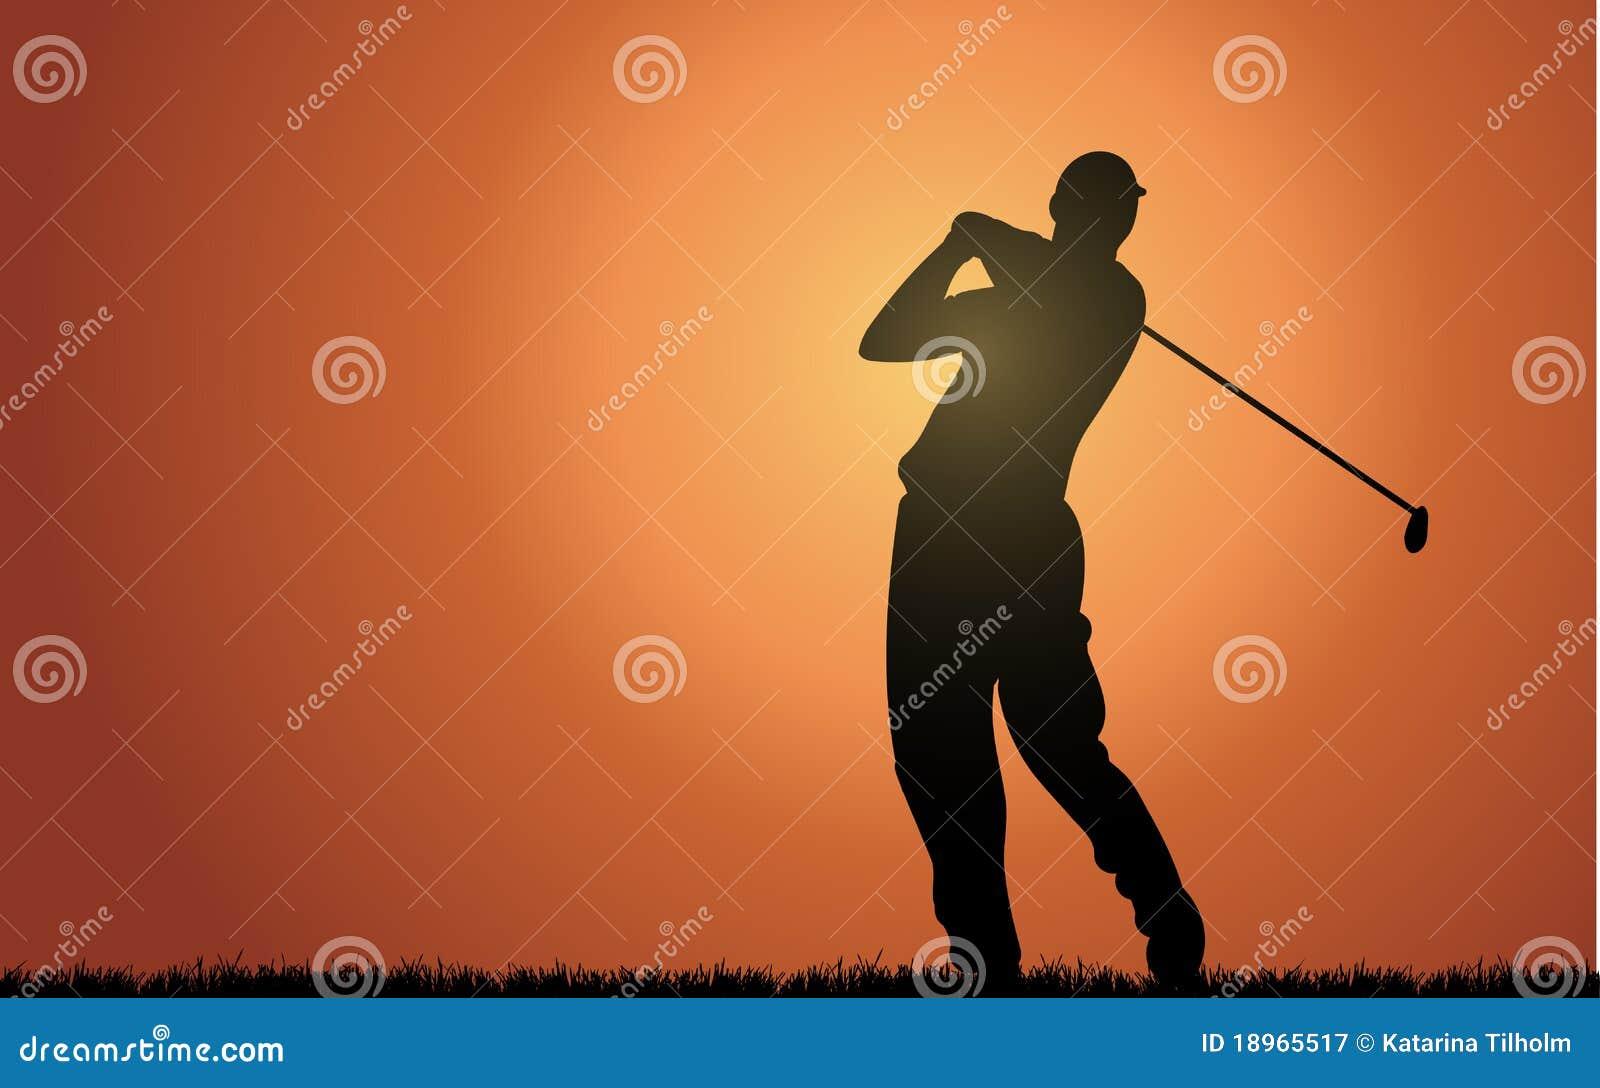 Everning Golfspieler